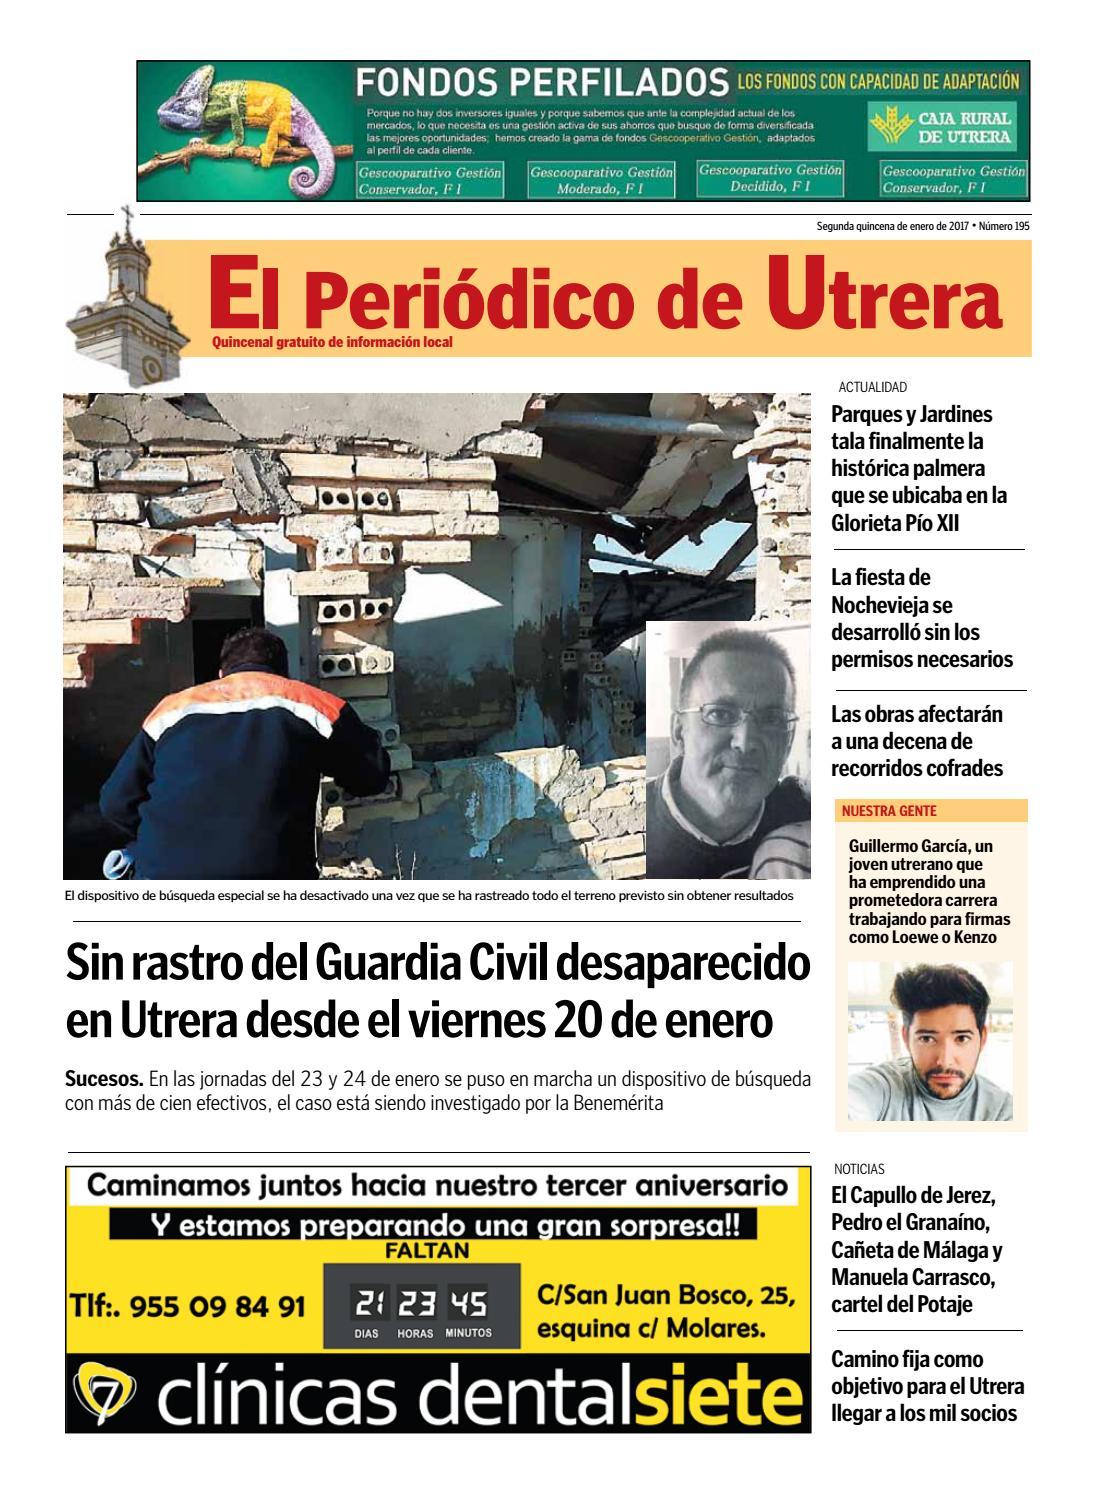 El Periódico de Utrera 195 by El Periódico de Utrera - issuu